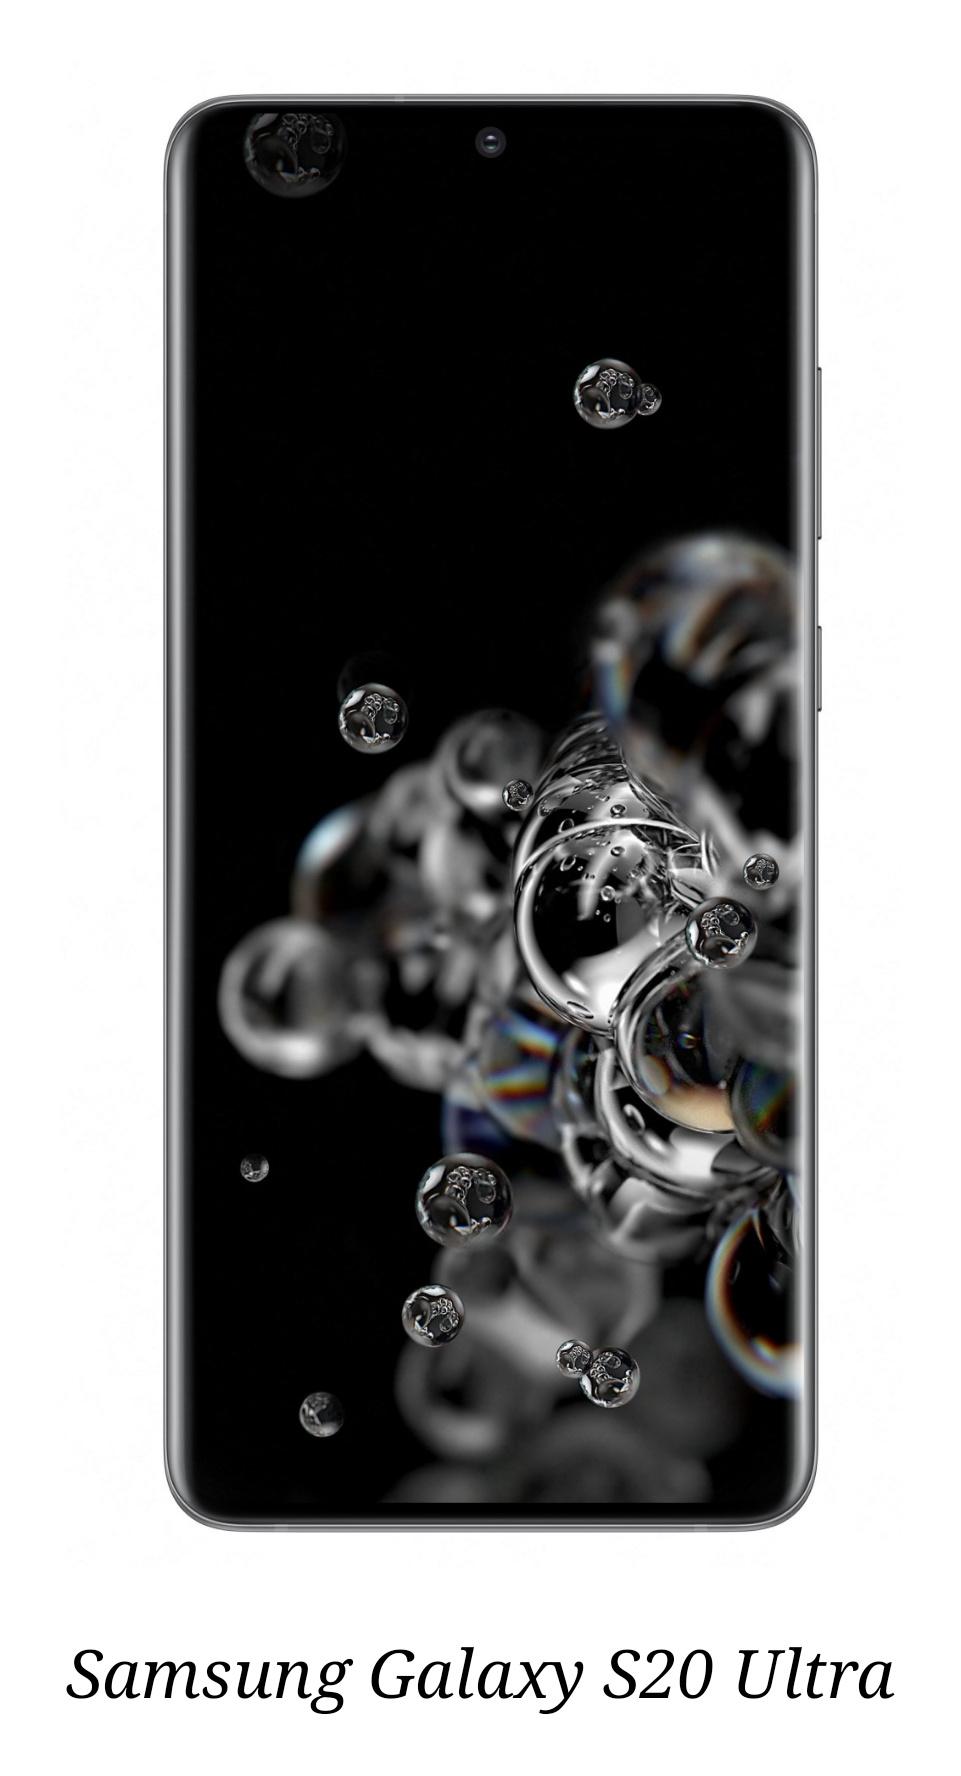 5g mobile samsung